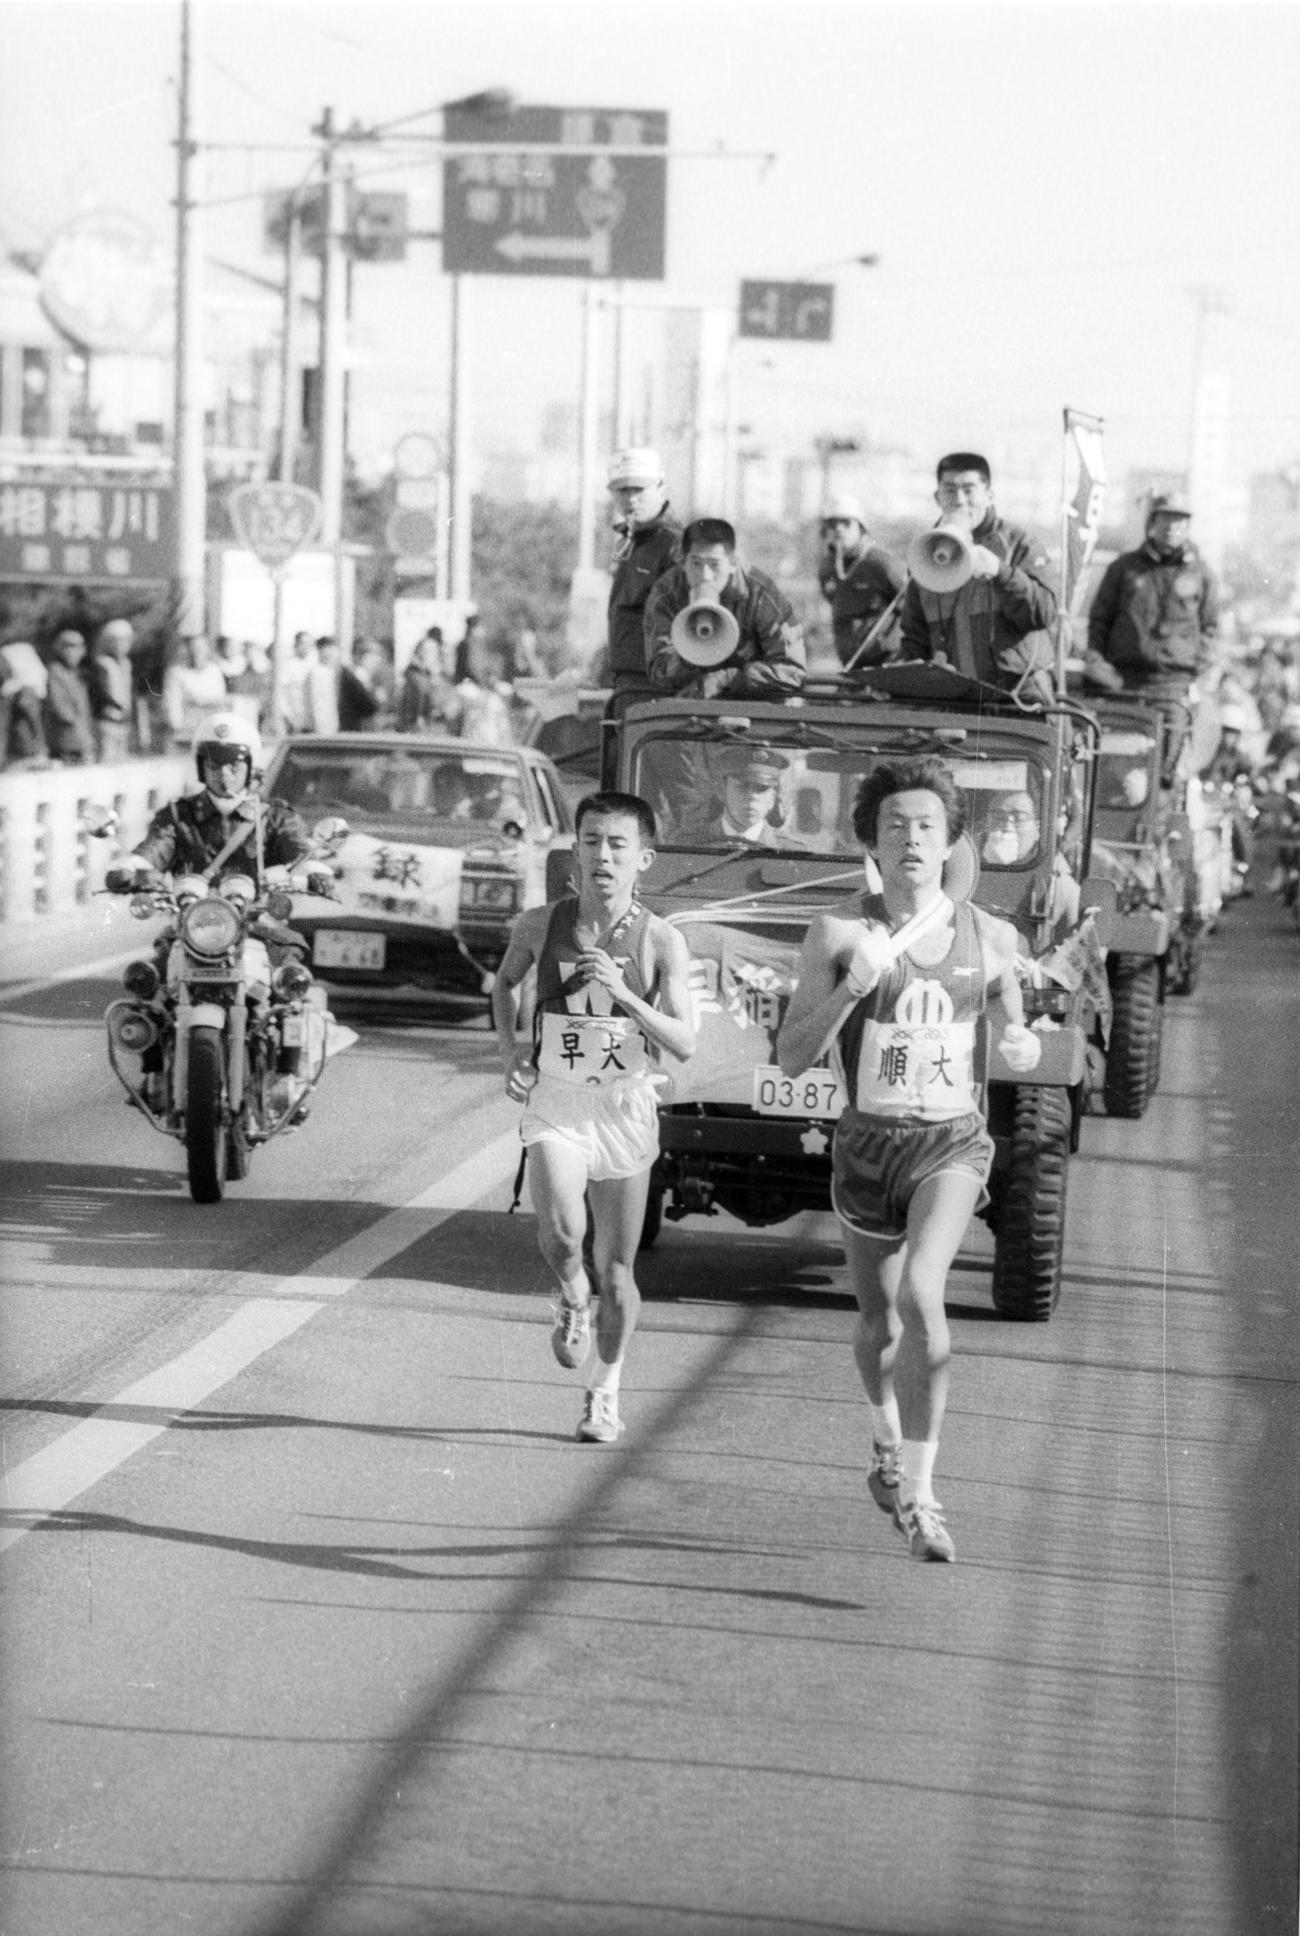 往路3区 順天堂大・岩佐吉章(右=3年、区間1位)にトップを譲った早大・坂内敦(左=1年、区間5位)だが、必死食らいつき最小限の36秒差にとどめる=1985年1月2日